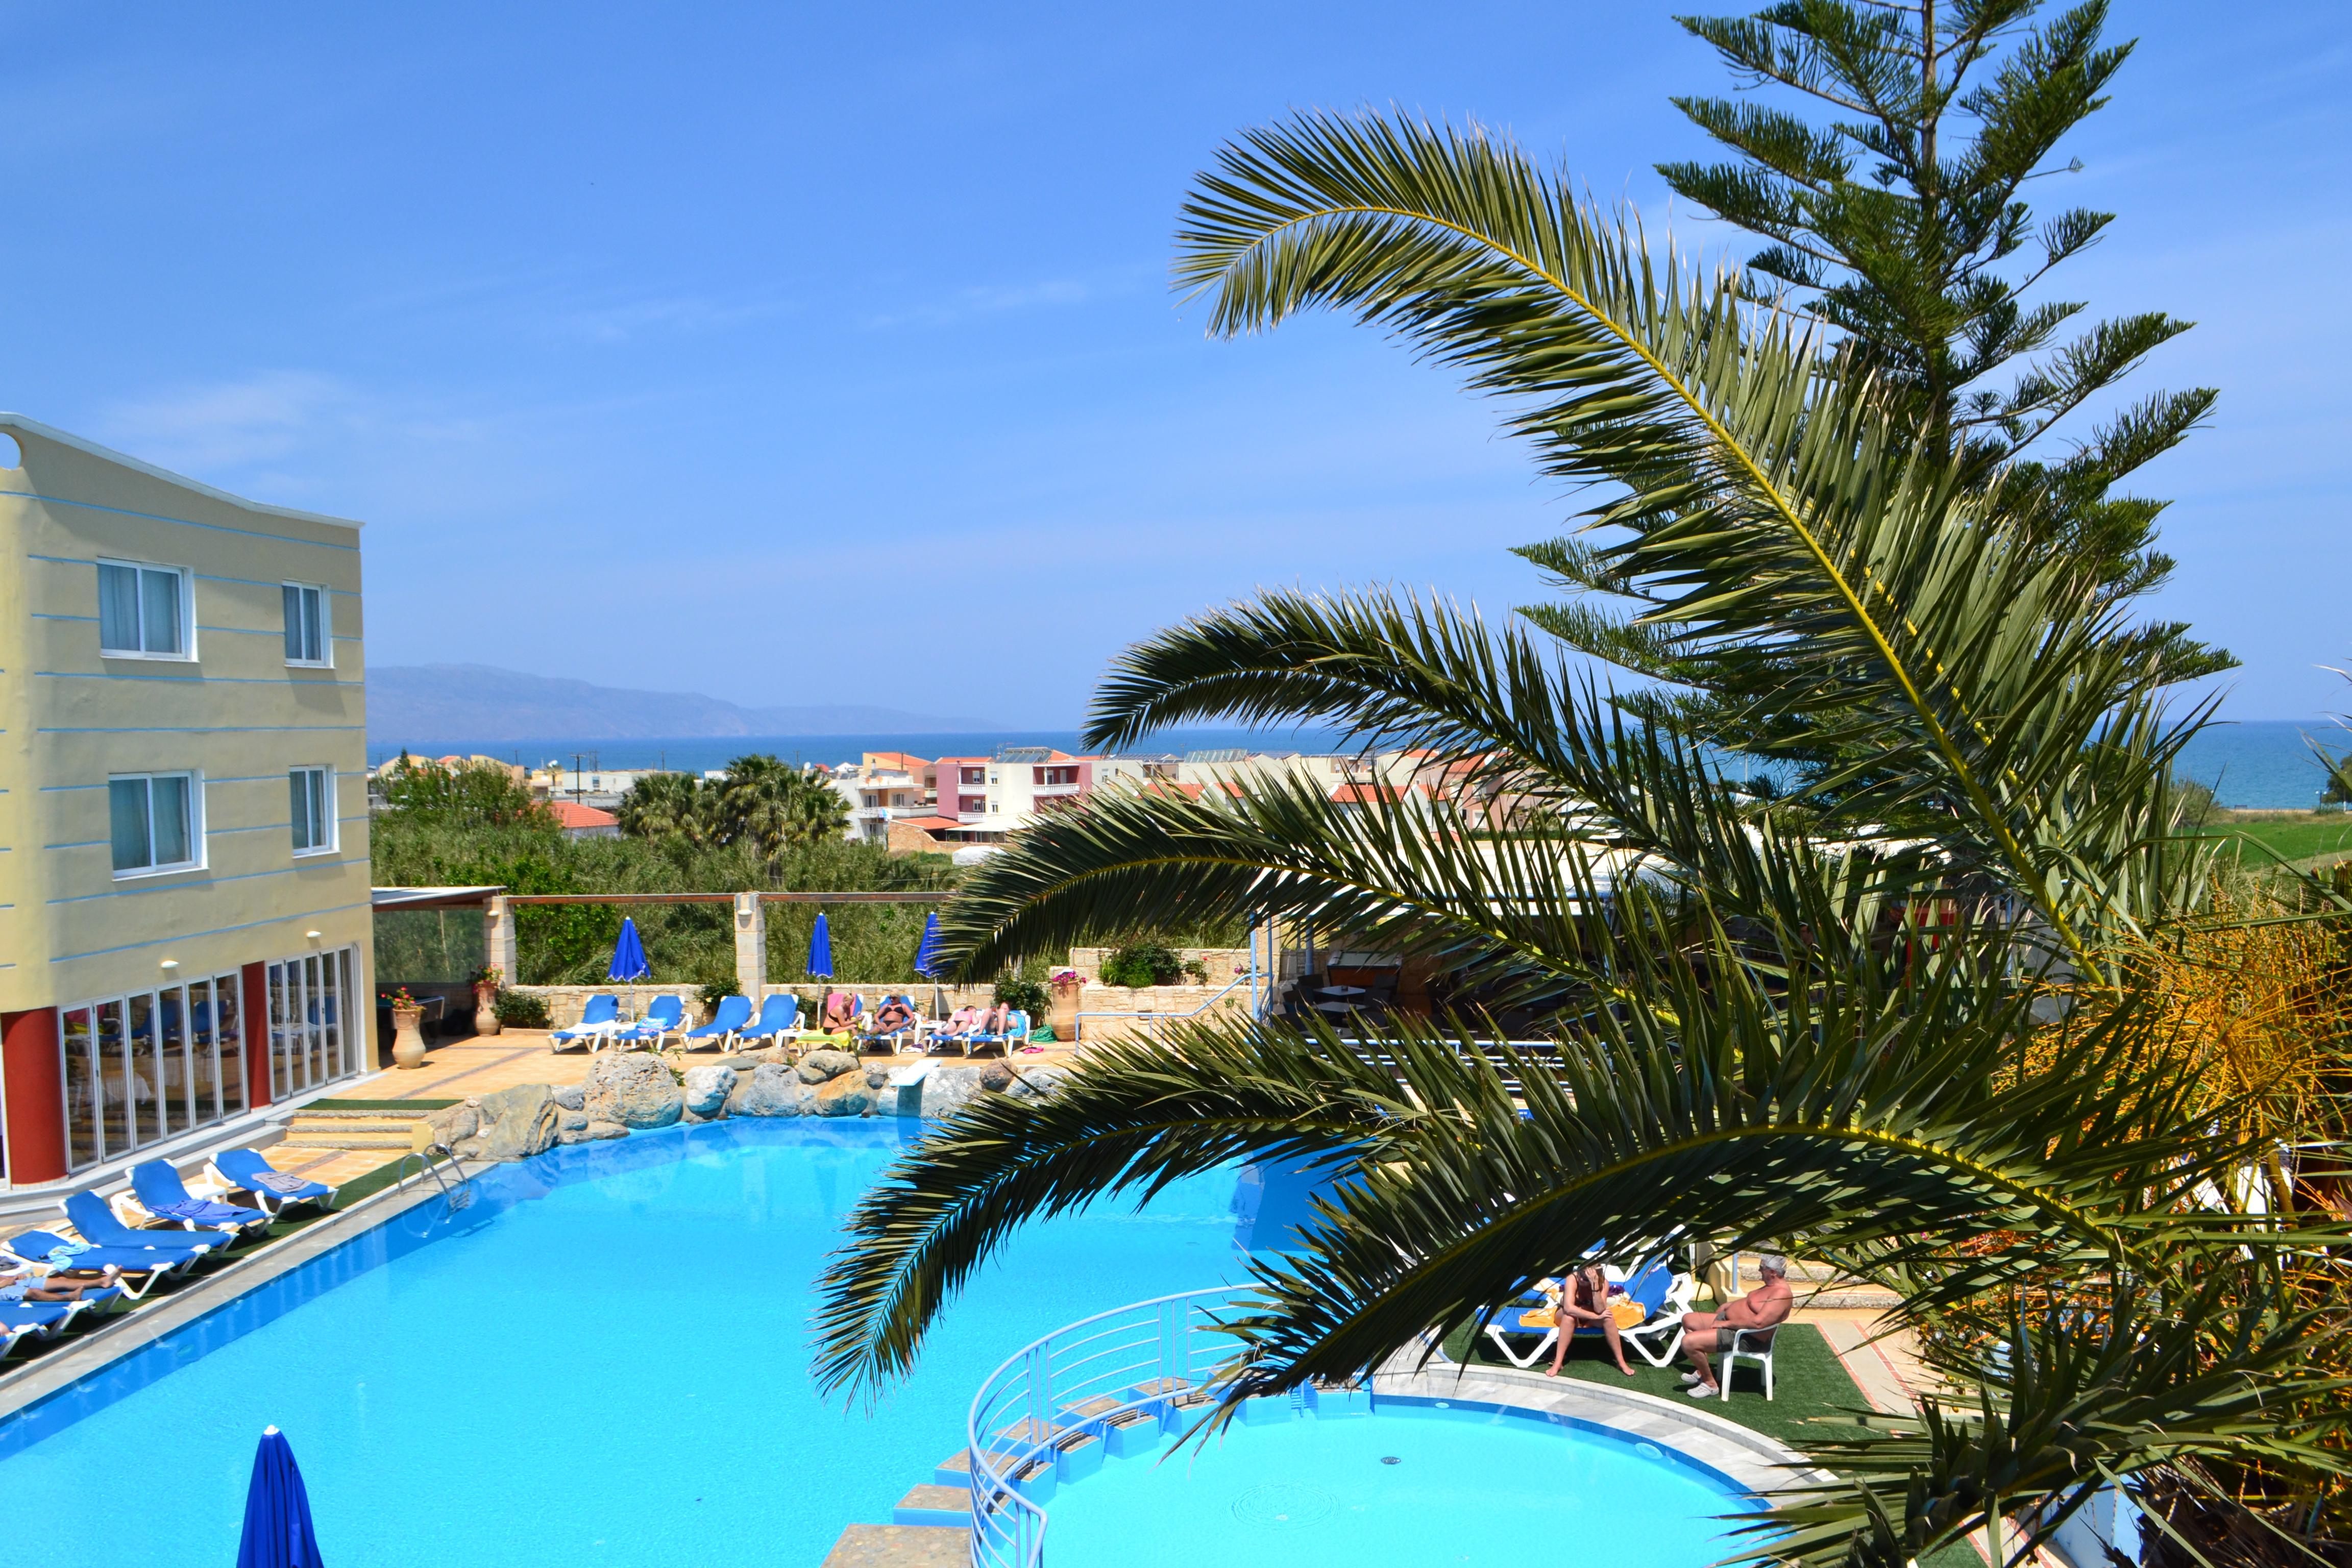 Pool left view